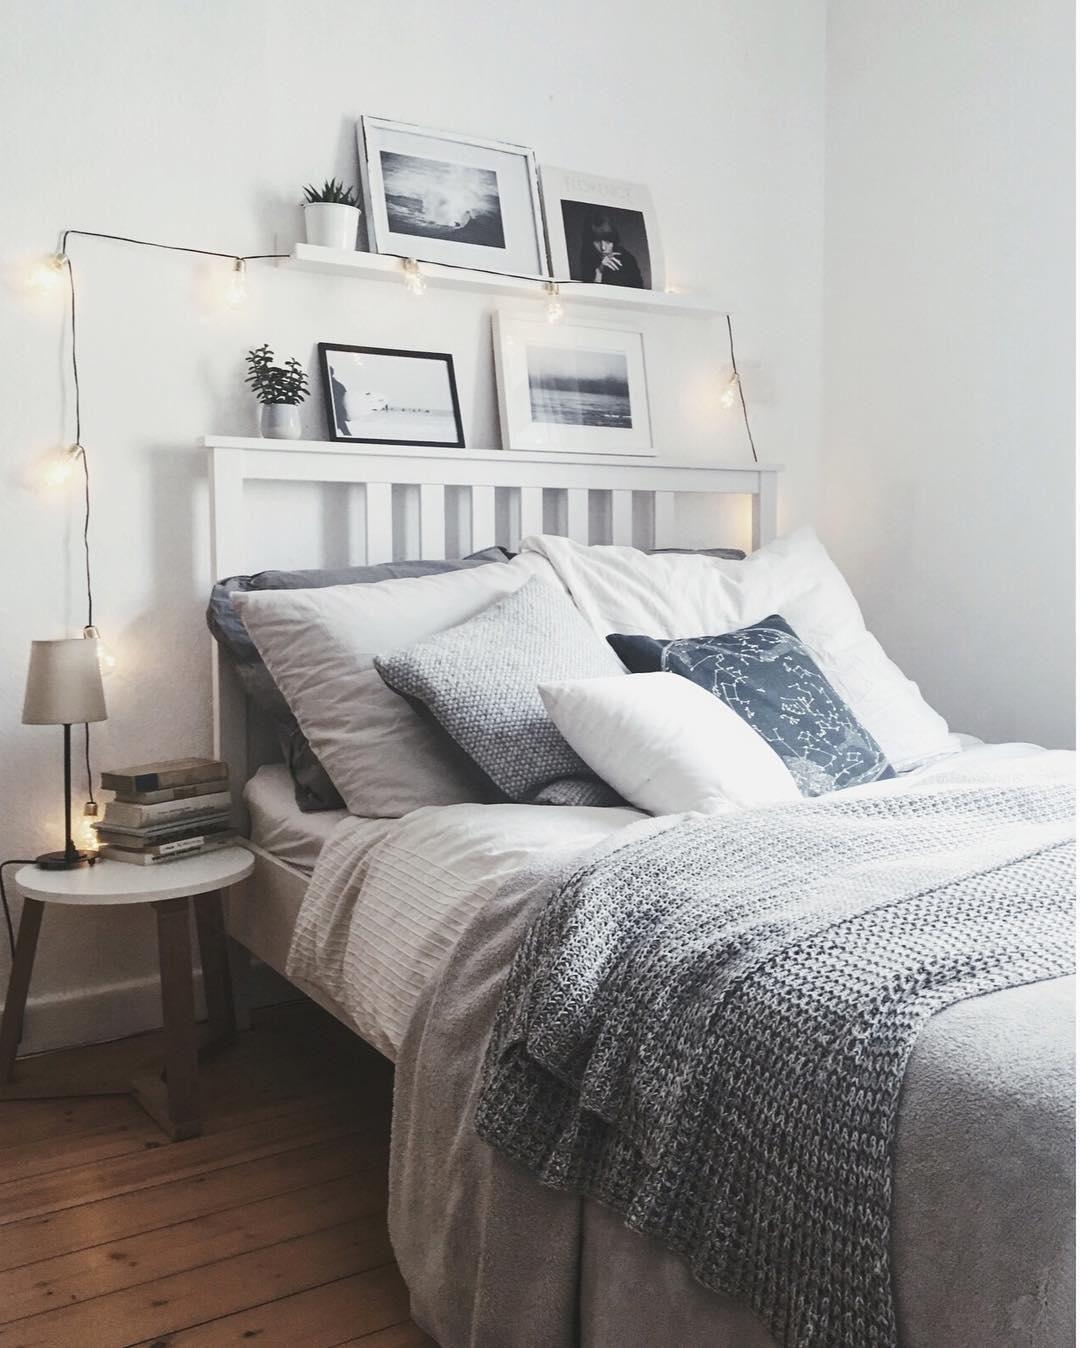 bedroom goals in diesem schlafzimmer ist entspannung vorprogrammiert die farbkombination wei. Black Bedroom Furniture Sets. Home Design Ideas